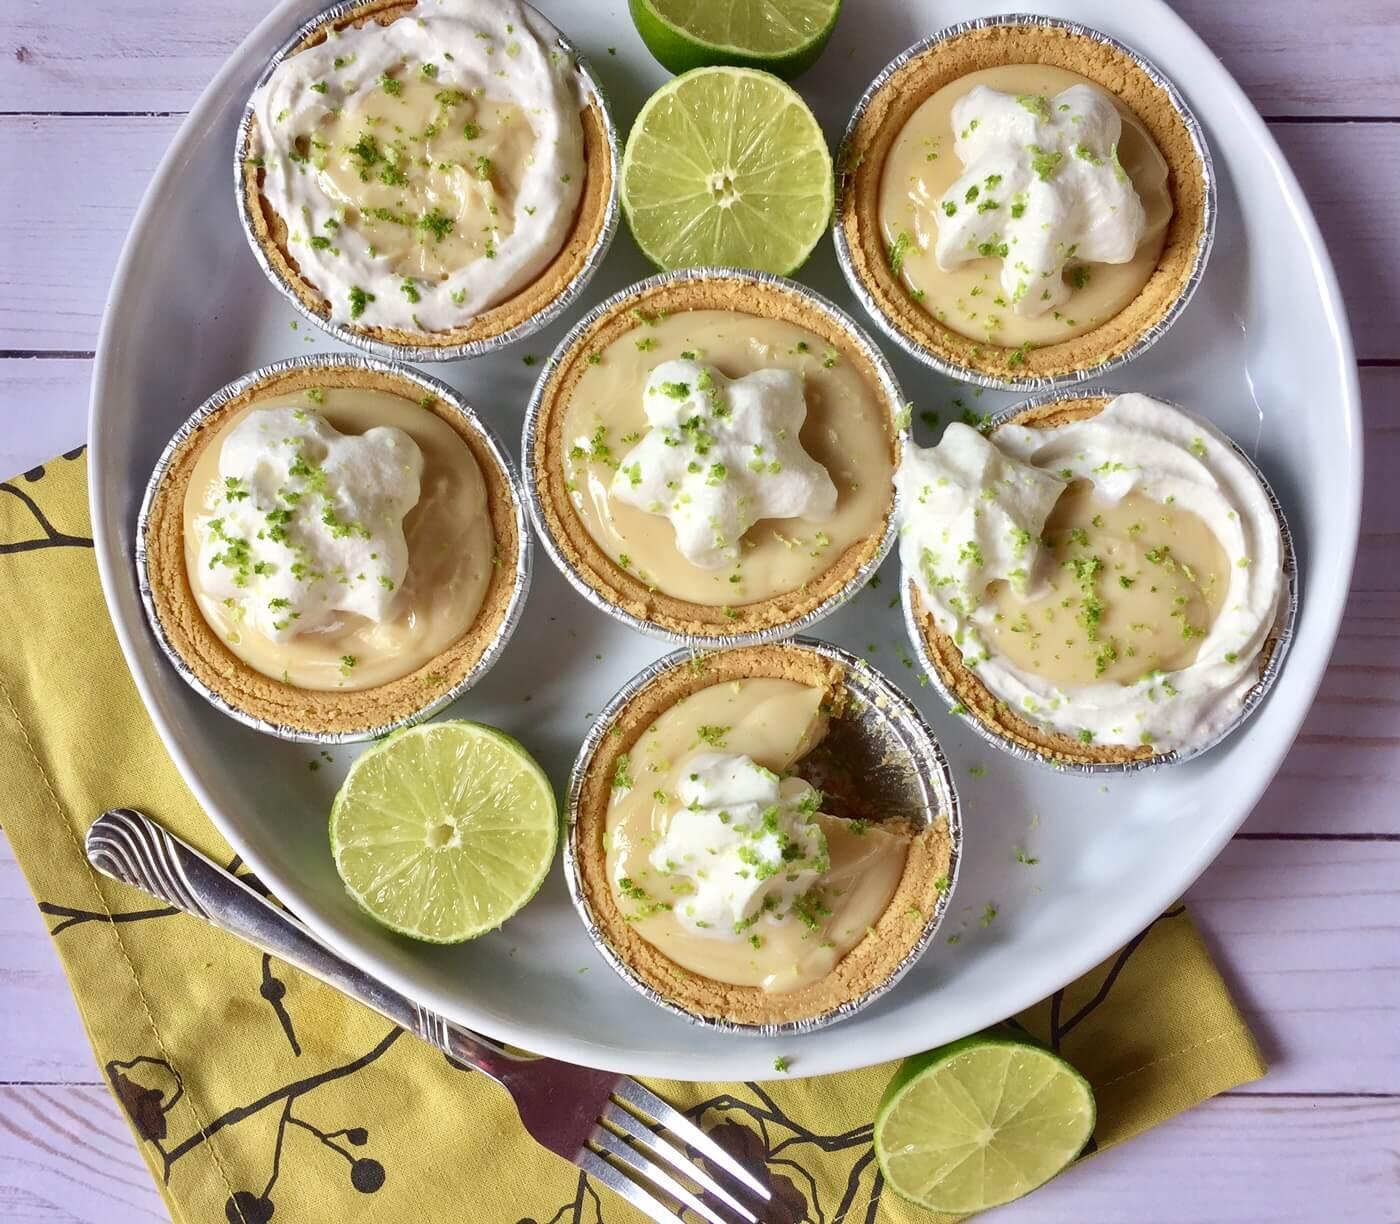 Mini Key Lime Pies The April Blake